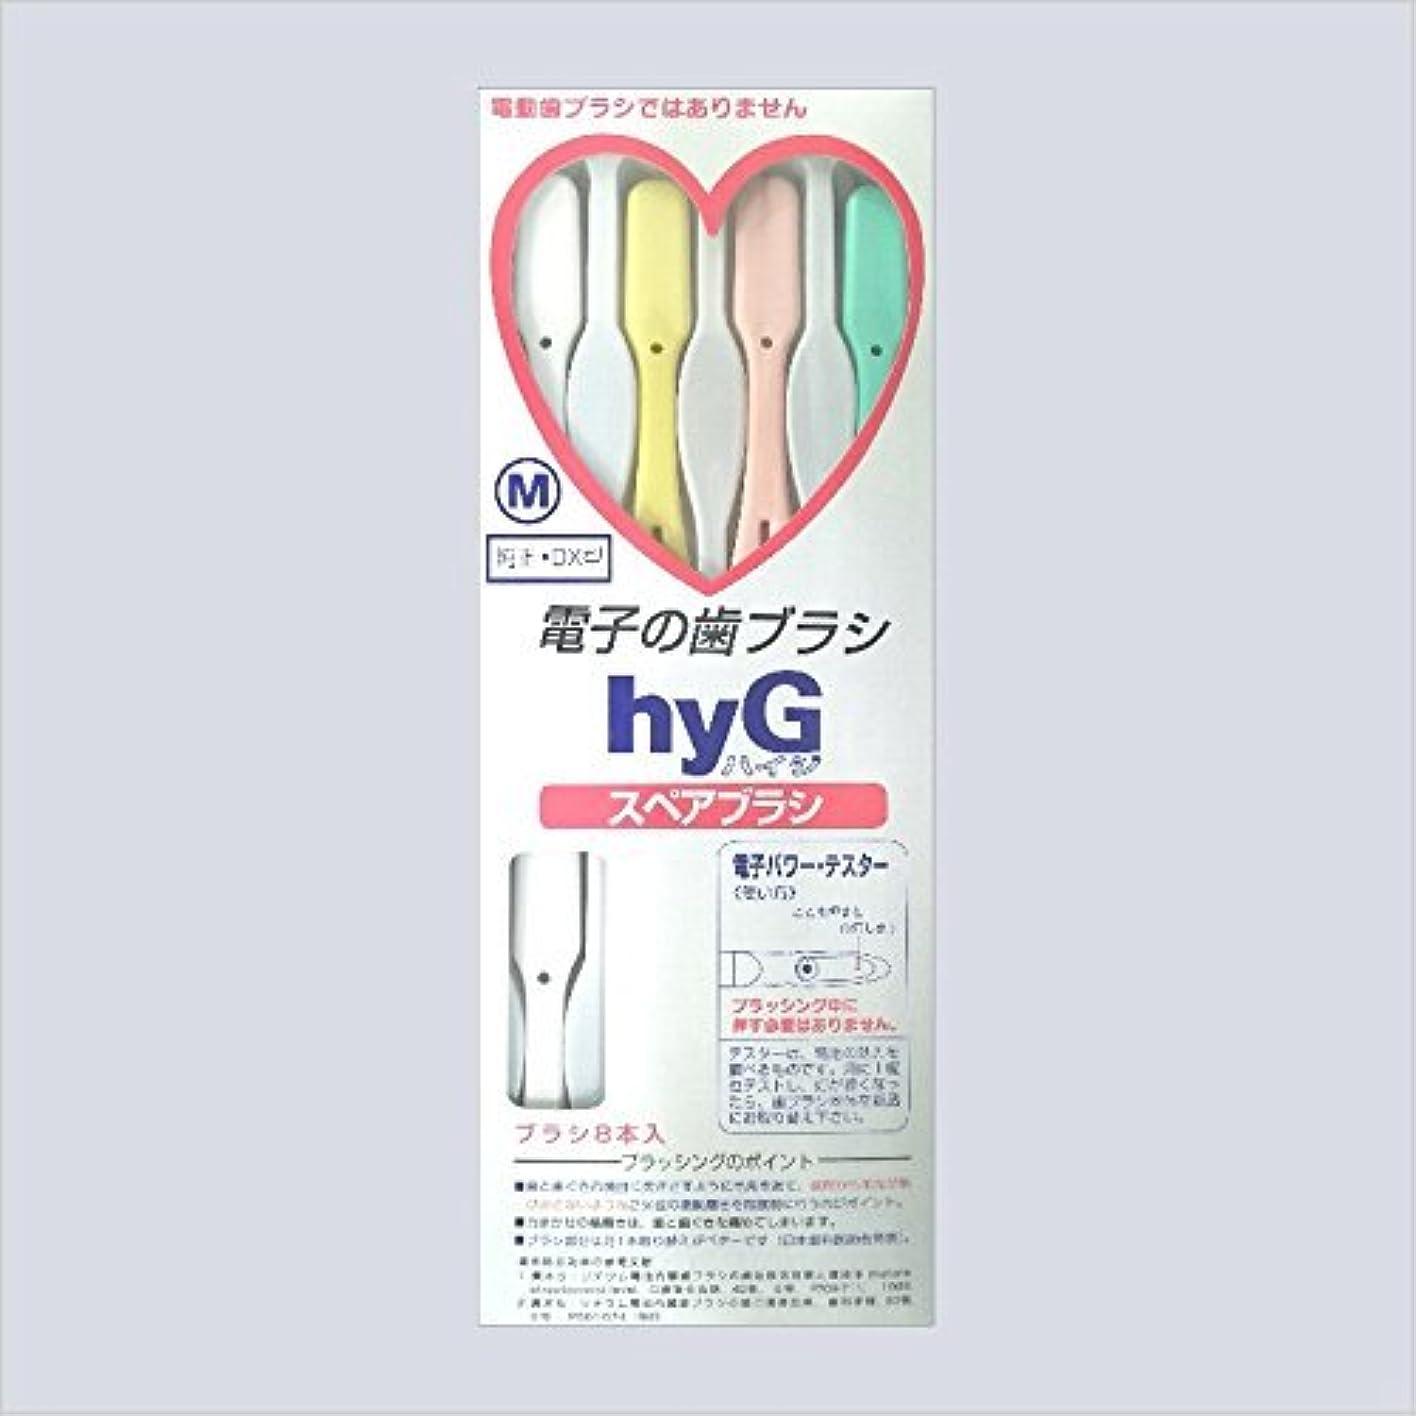 こっそりページェント悪行電子の歯ブラシ ハイジ(hyG)?スペアブラシ <ブラシの硬さ:Hかため> (※こちらは「スペアブラシ」です )?hyG-DX型